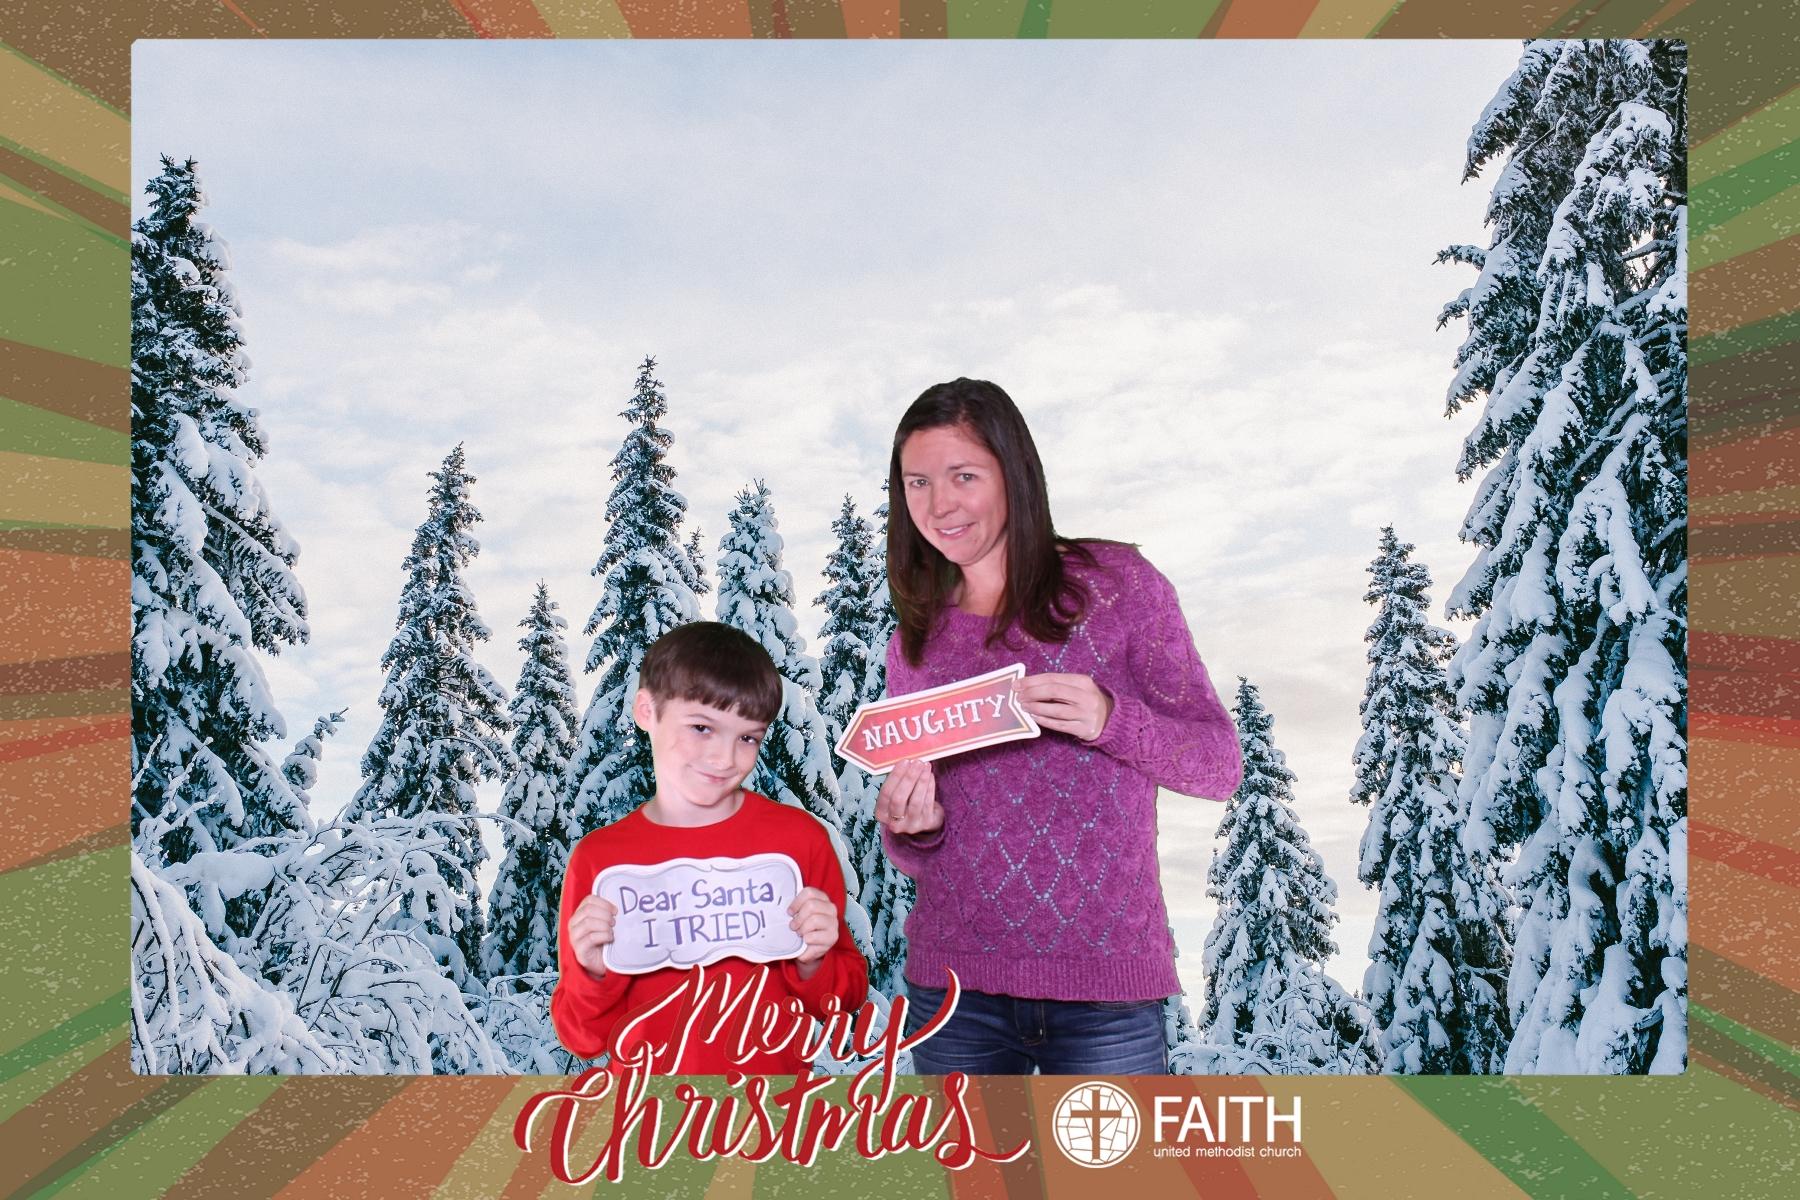 Faith2018_2018-12-24_16-51-06.jpg